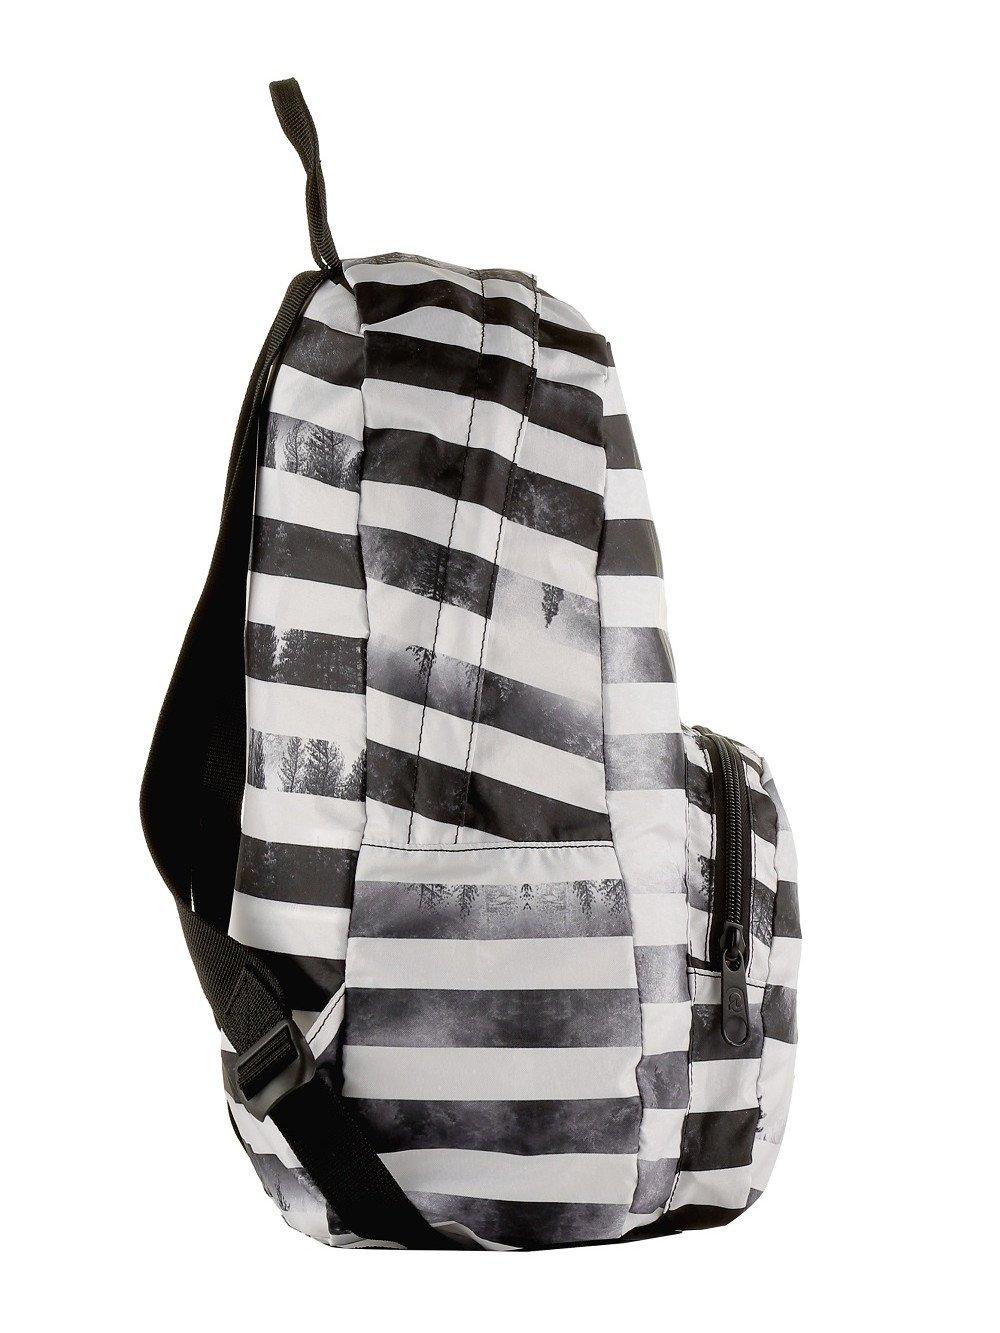 Zaino Invicta 20 litri Packable Smart 206001813-FO7 zaino viaggi tempo libero ripiegabile black striped forest lema